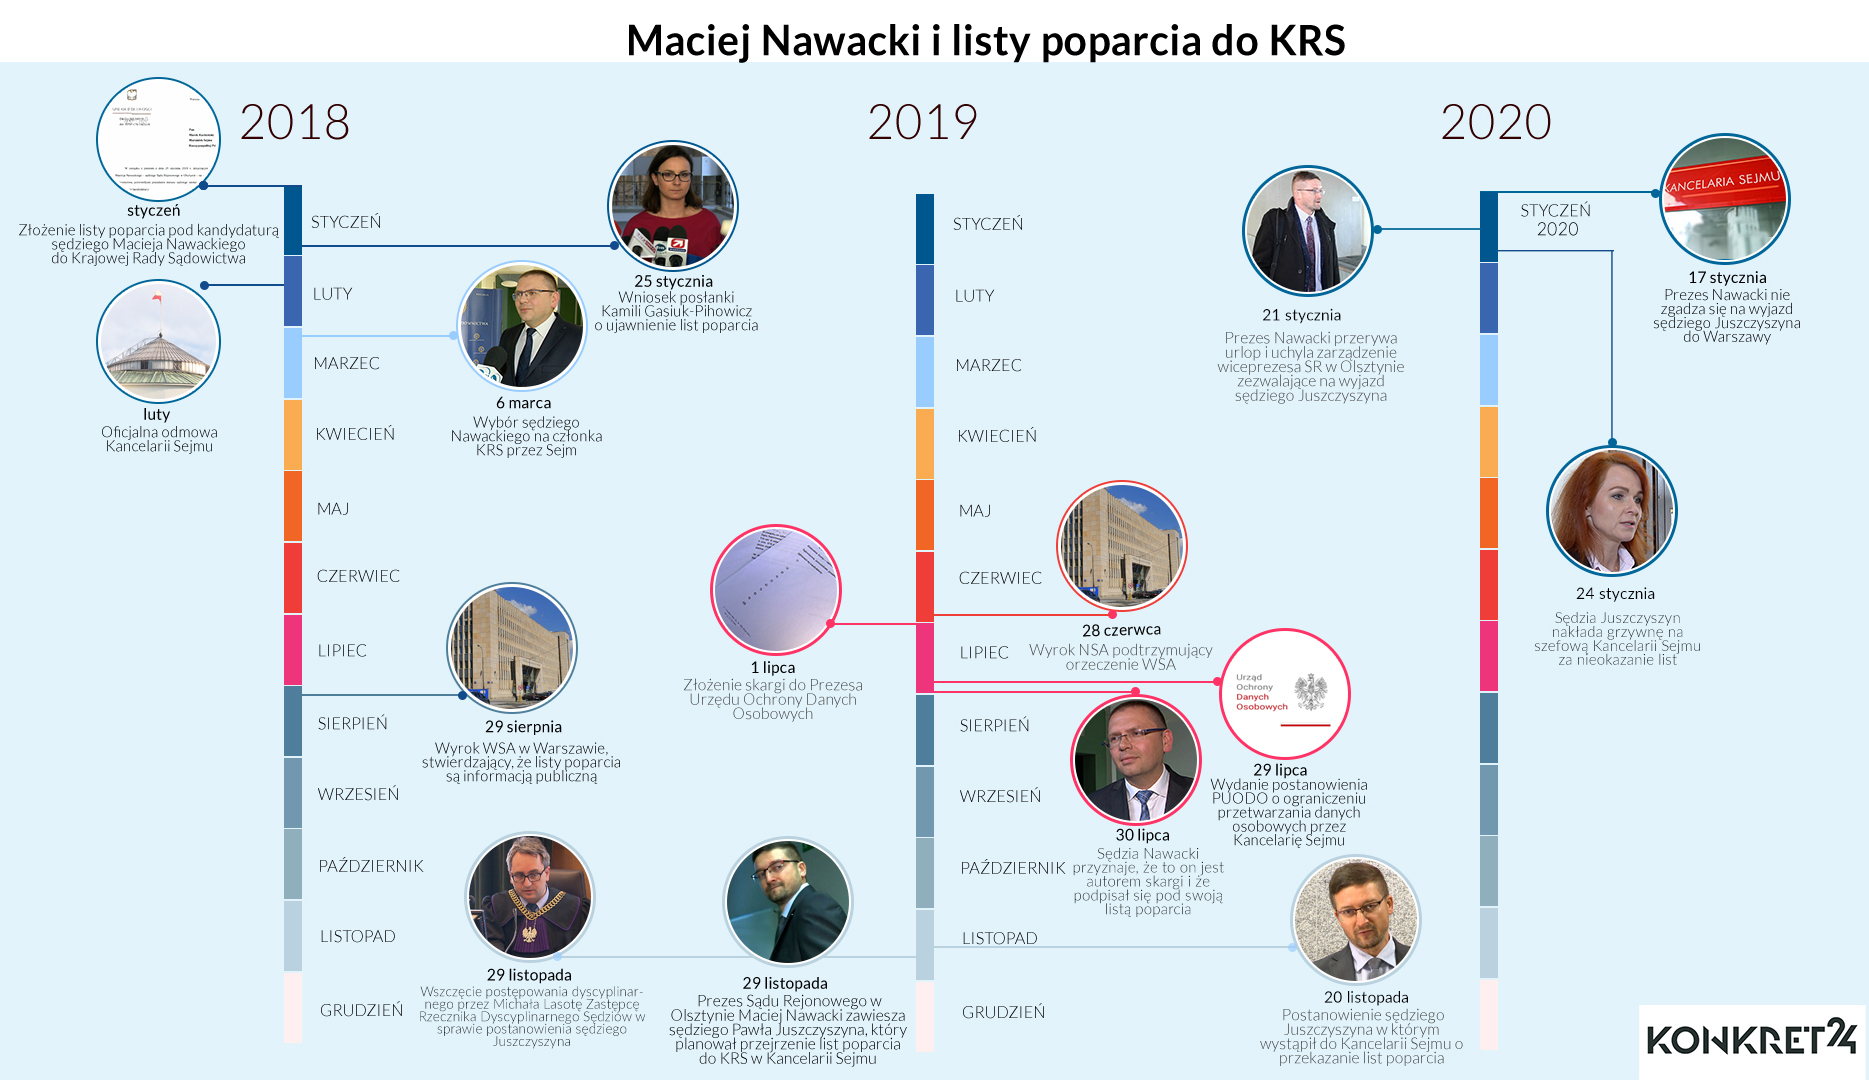 Kalendarium działań sędziego Nawackiego ws. list poparcia do KRS